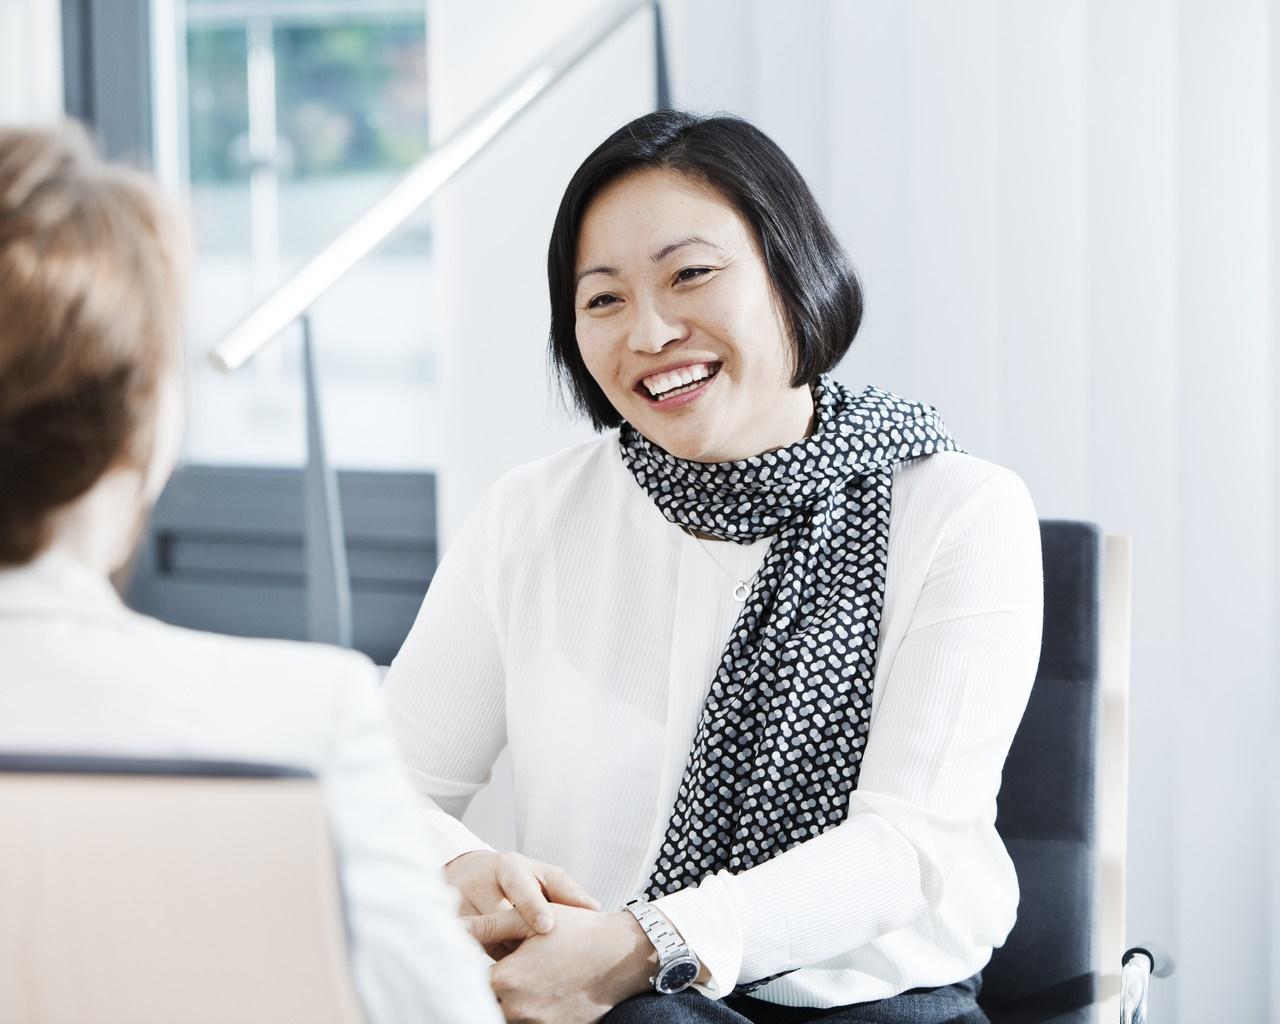 Motivera medarbetarna med ditt coachande ledarskap